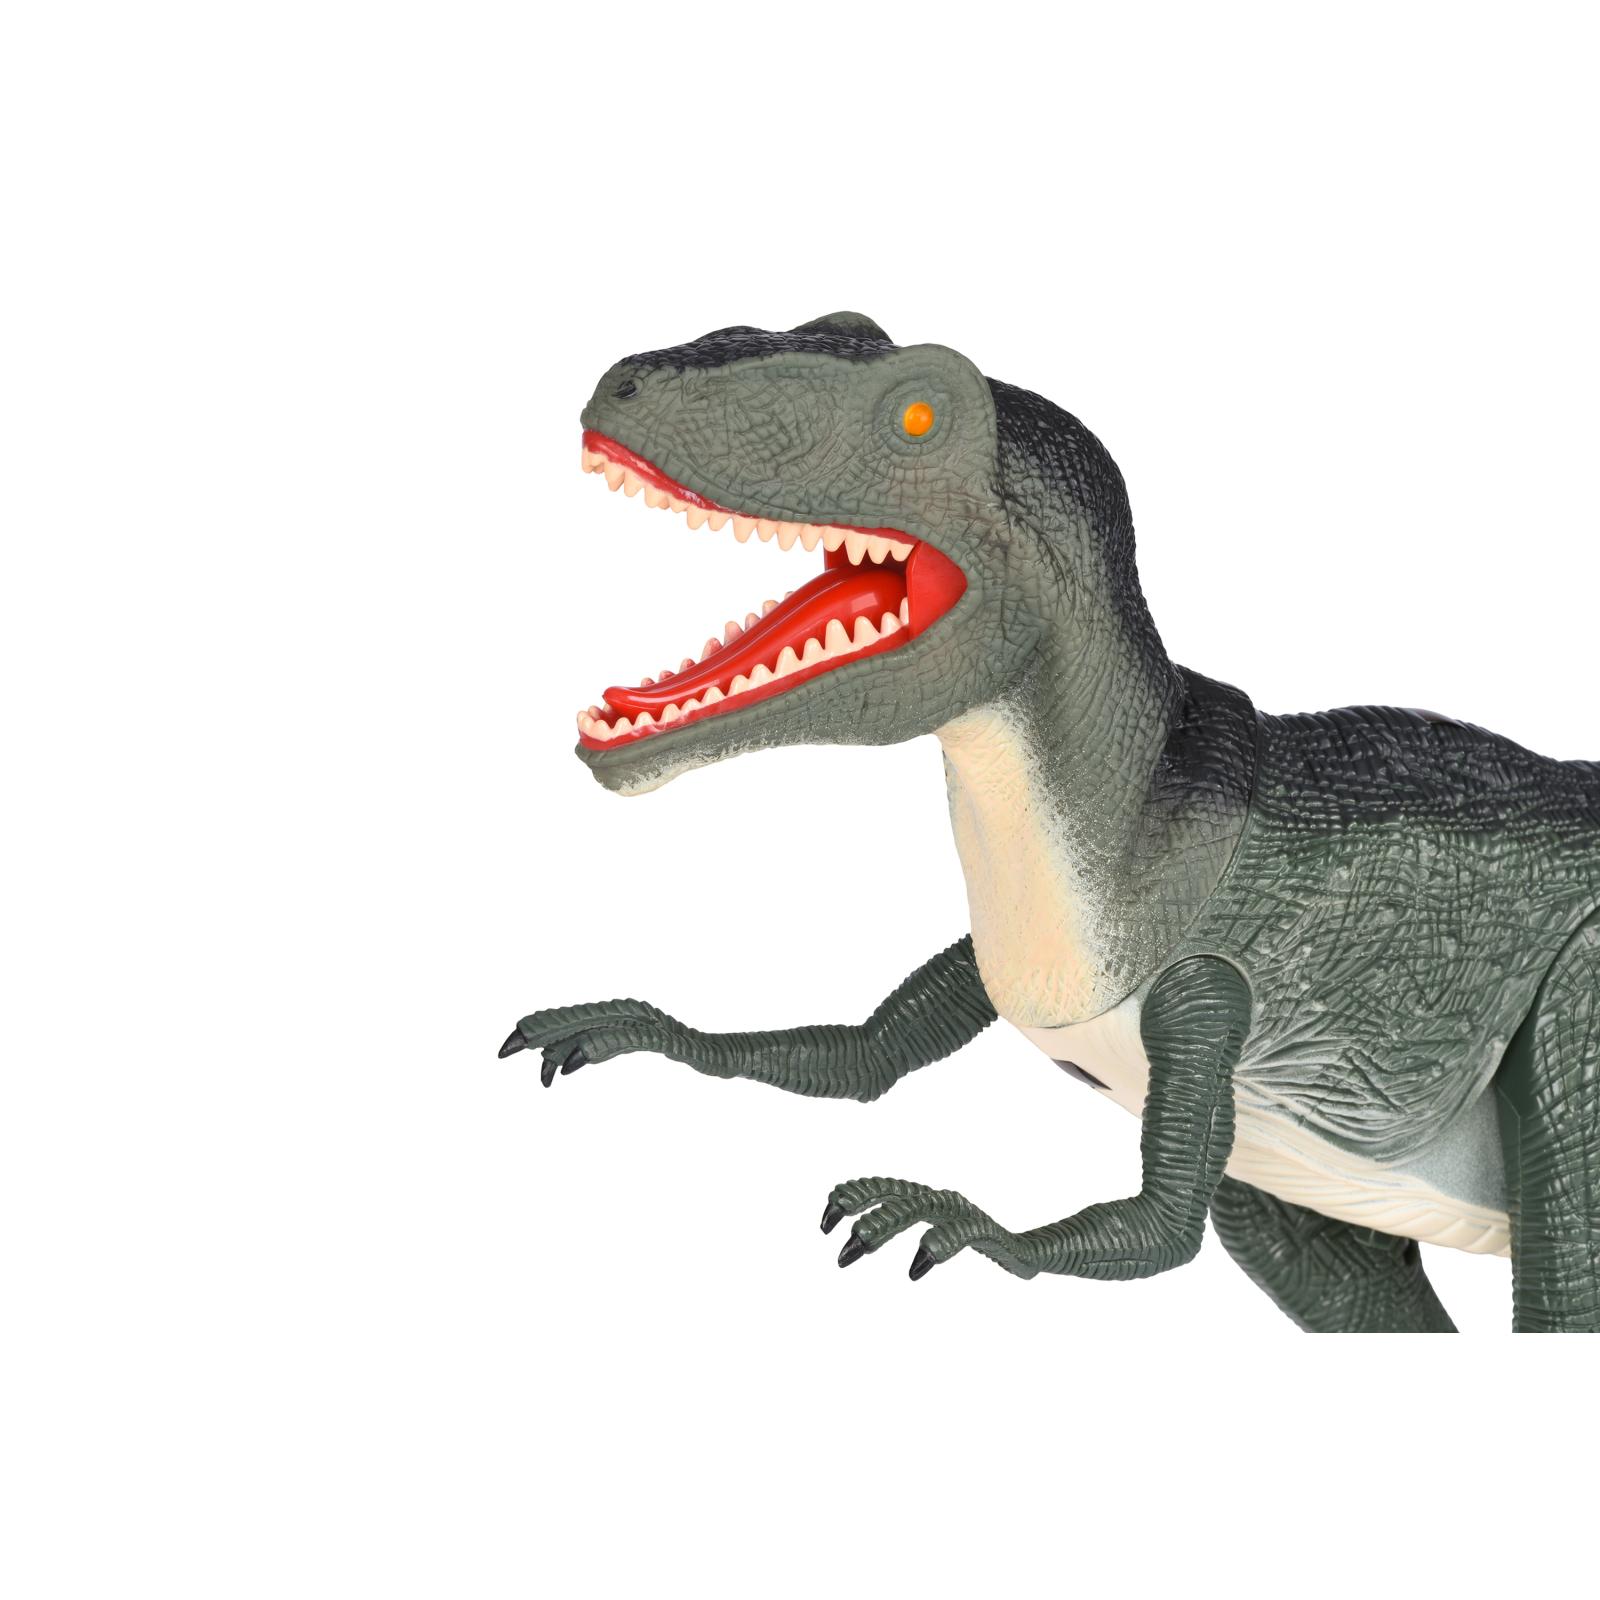 Интерактивная игрушка Same Toy Динозавр Dinosaur World зеленый со светом звуком (RS6124Ut) изображение 3